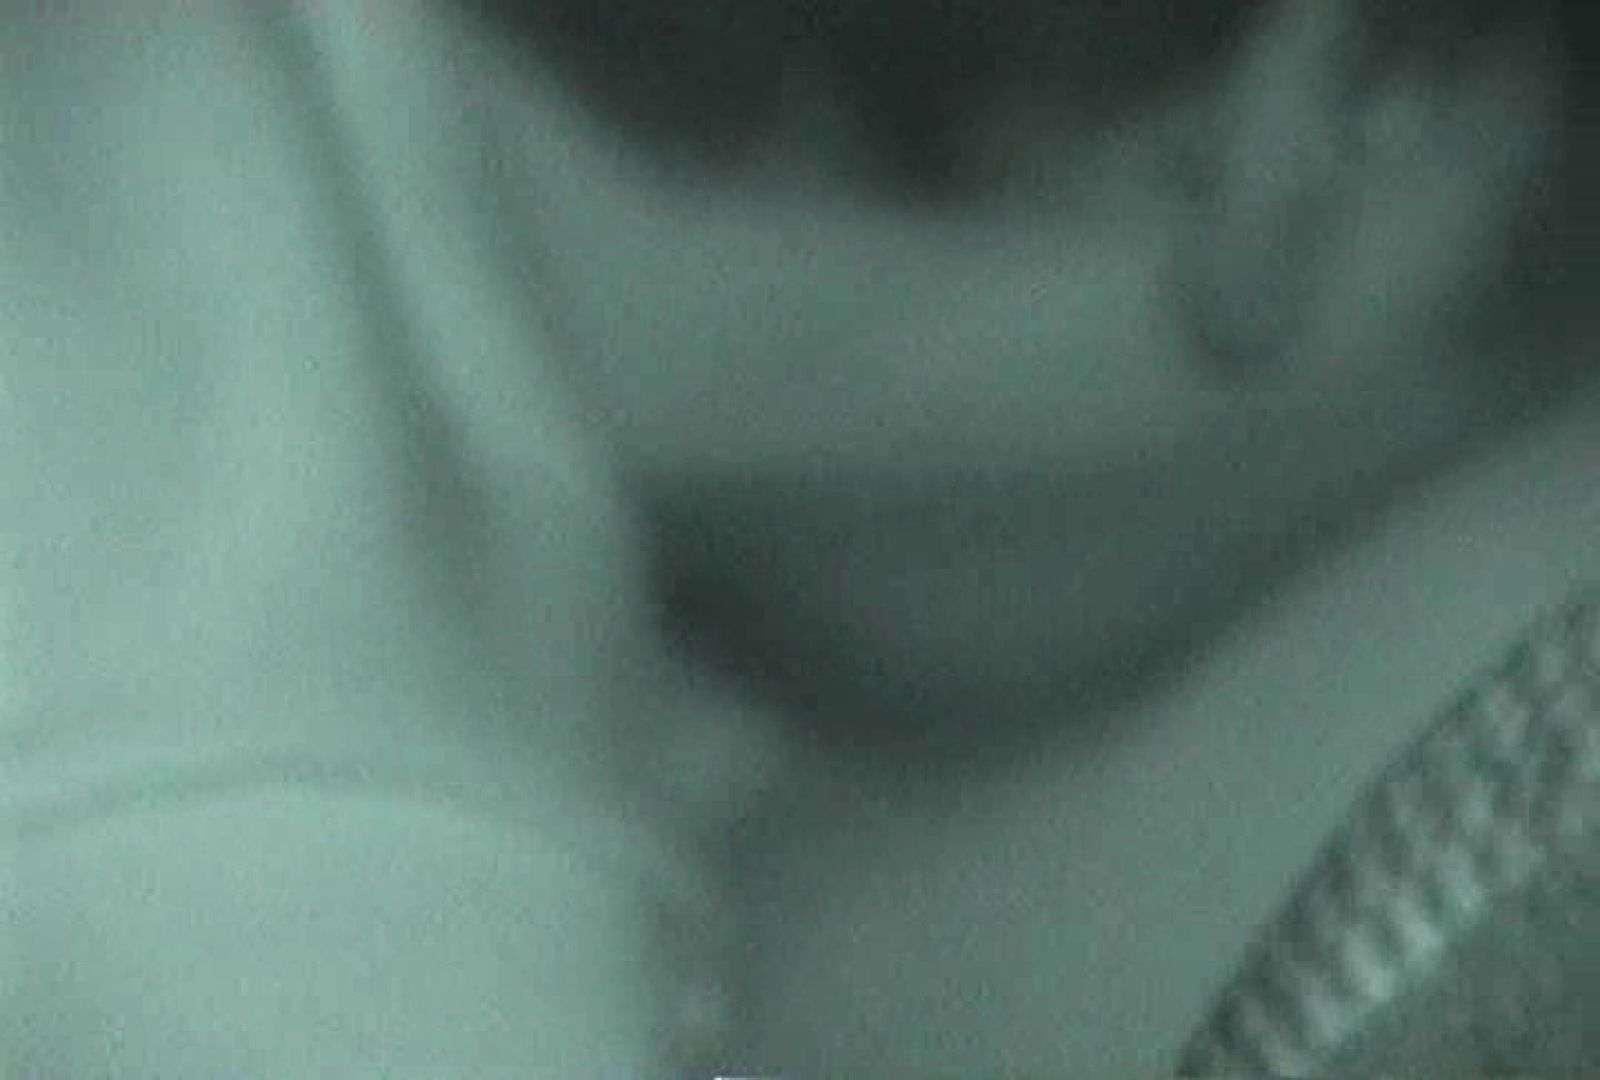 充血監督の深夜の運動会Vol.68 クンニ オマンコ動画キャプチャ 75pic 47